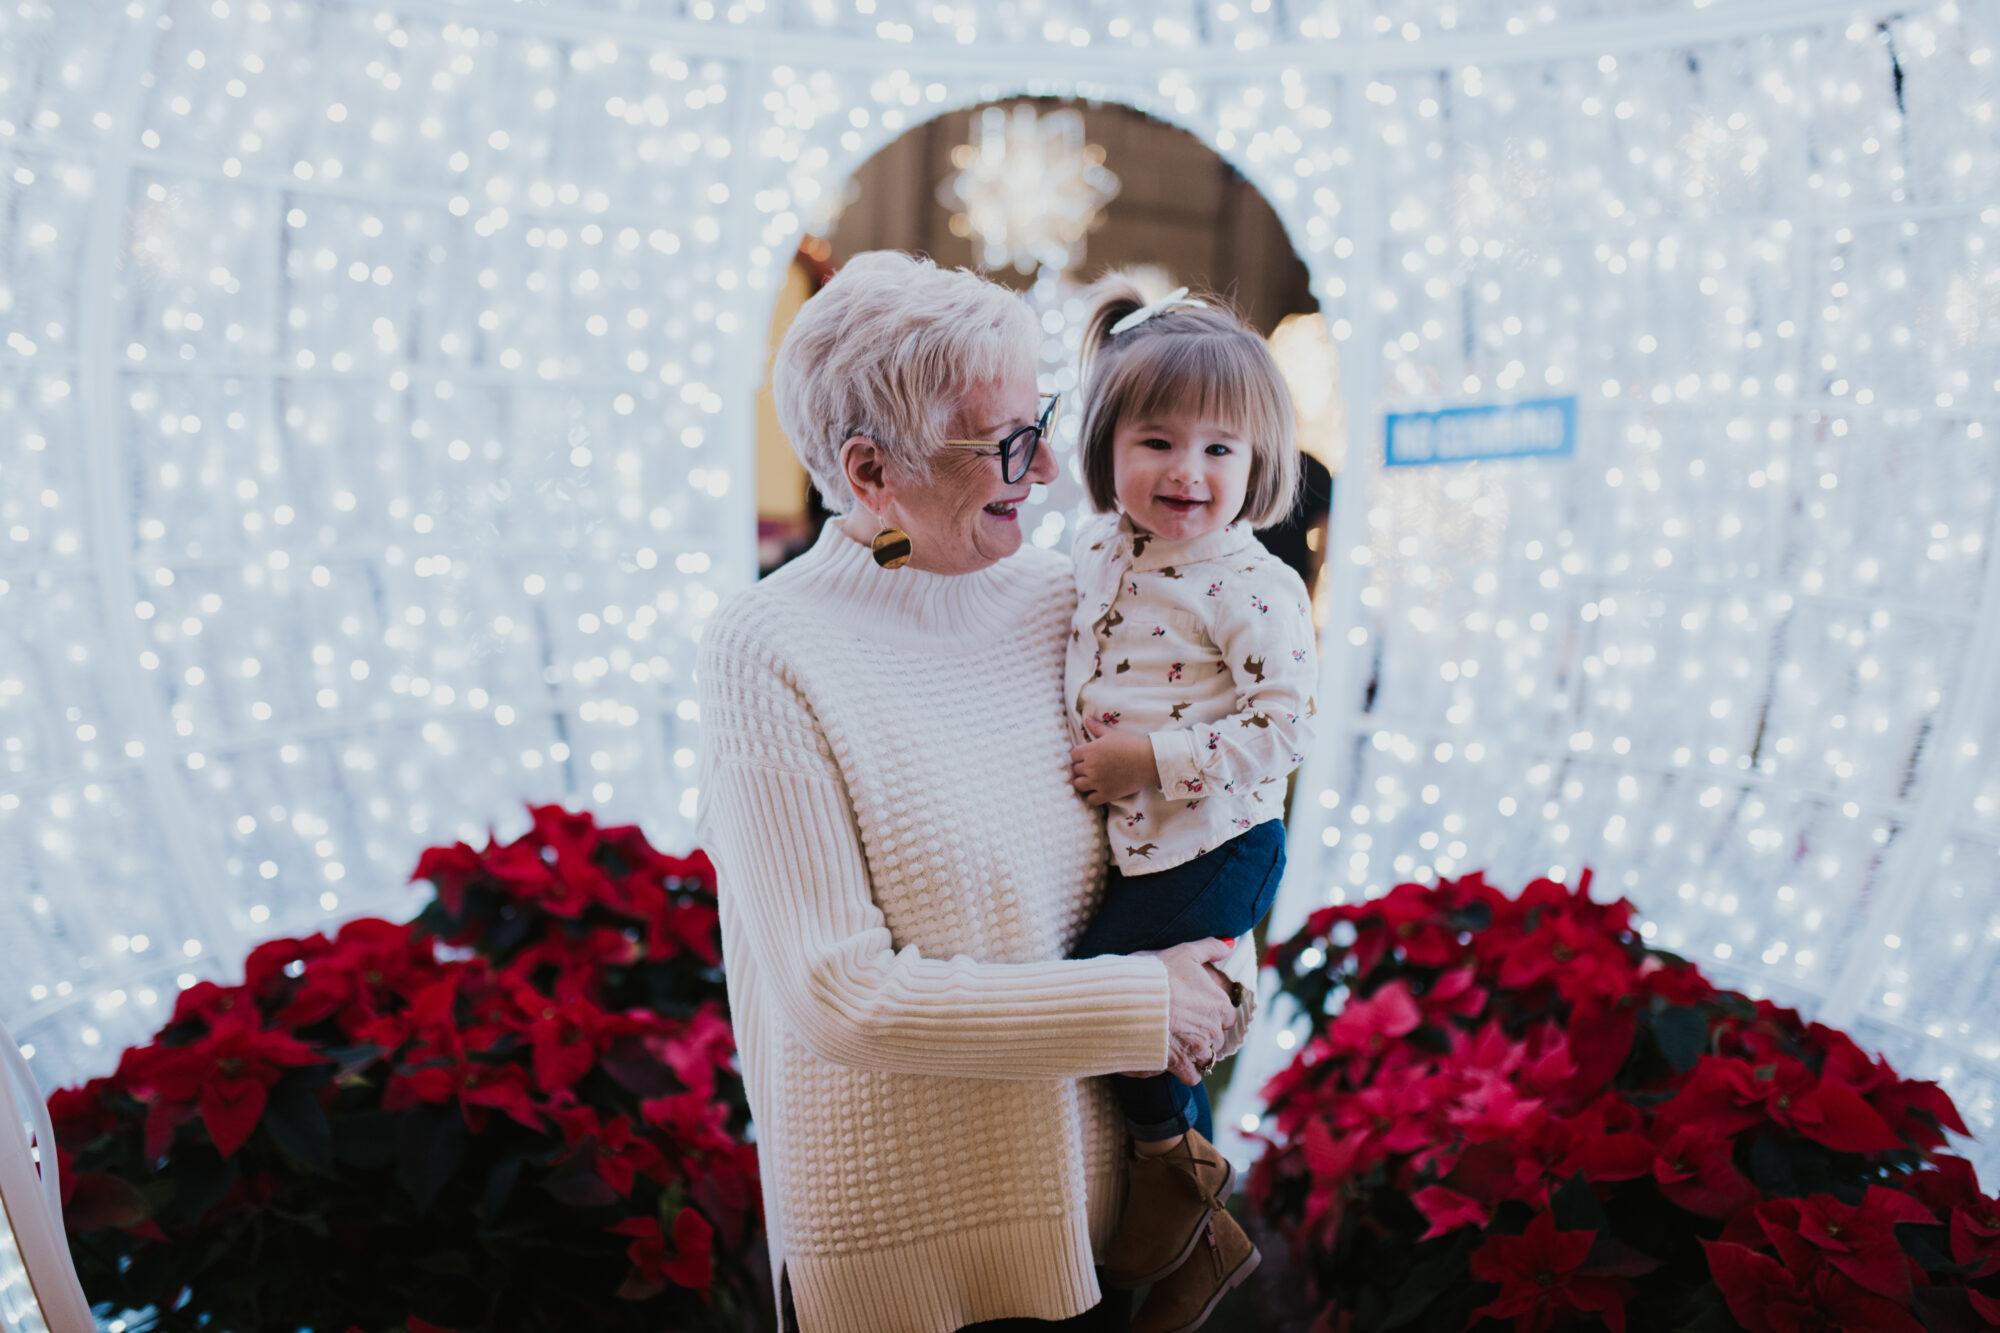 Luminova: The Bright Spot of the Holidays